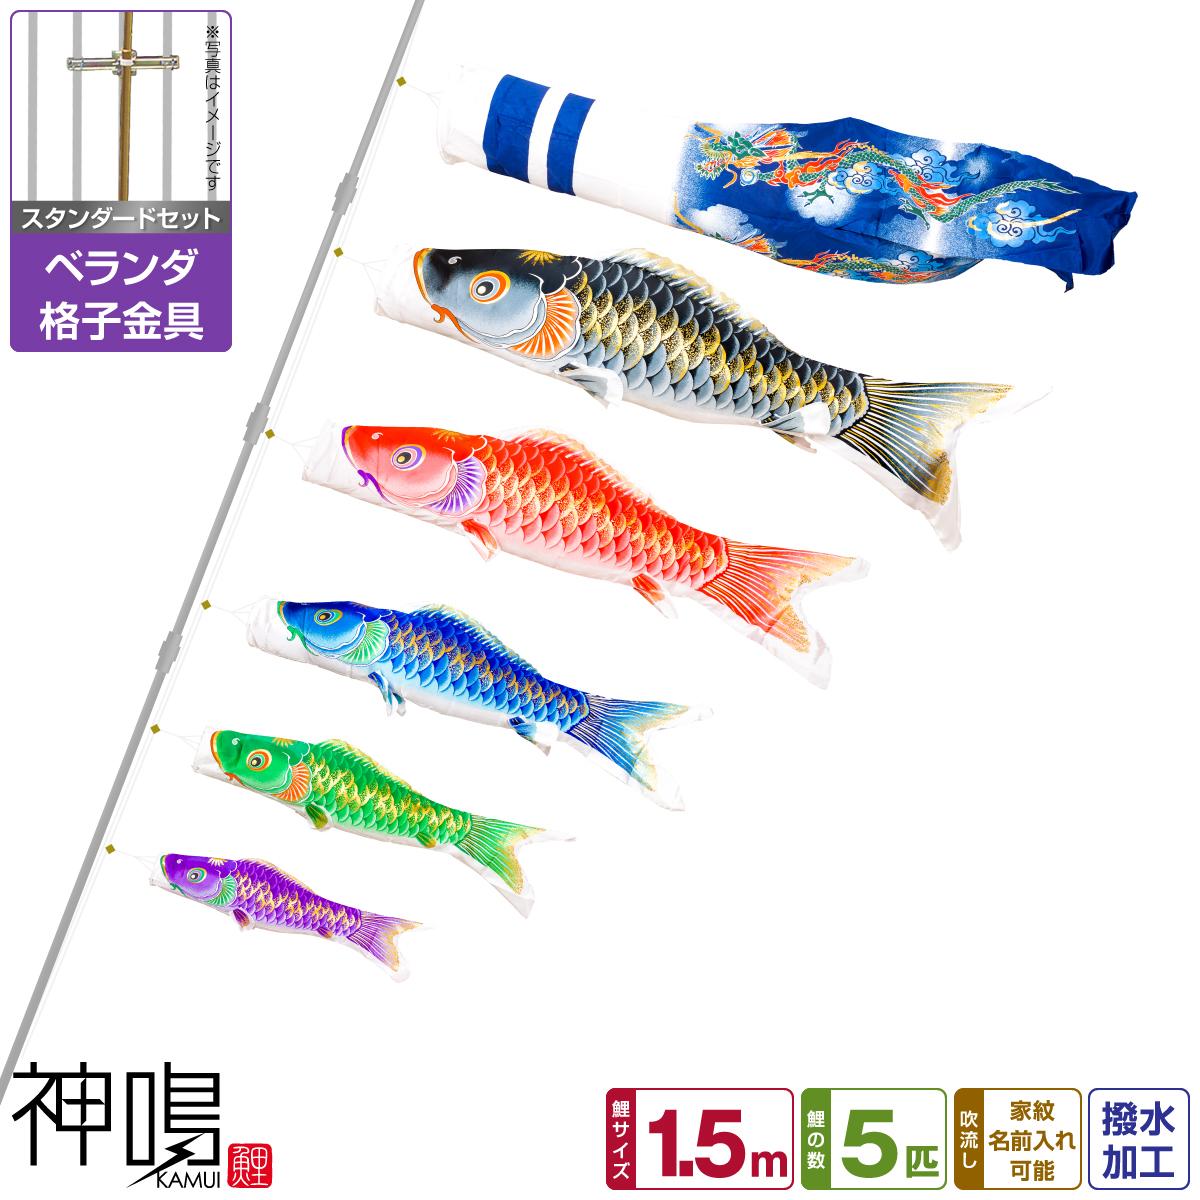 ベランダ用 鯉のぼり 神鳴鯉-KAMUI- 1.5m 8点(吹流し+鯉5匹+矢車+ロープ)/スタンダードセット(格子金具)